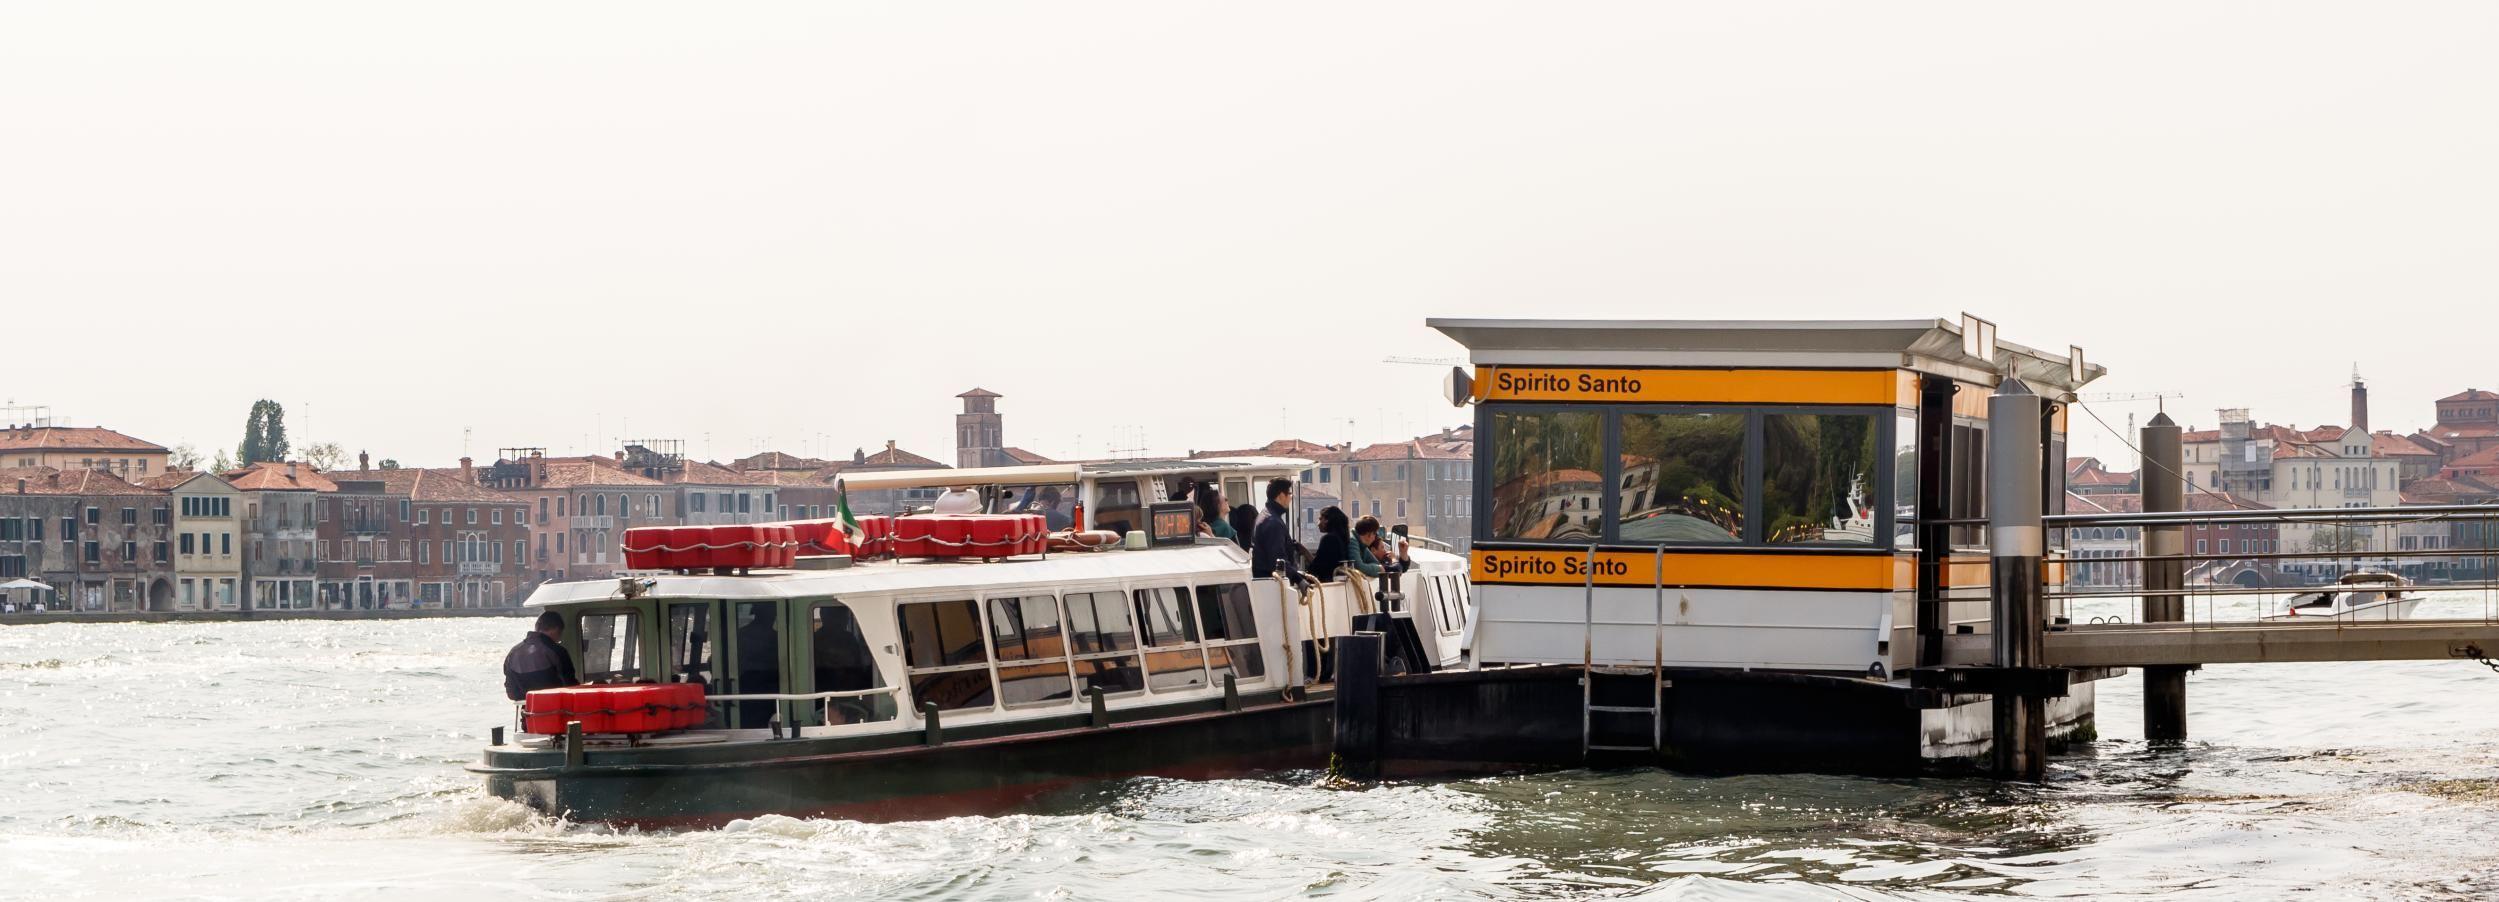 ヴェネツィア公共交通機関:水上バス&陸上バス